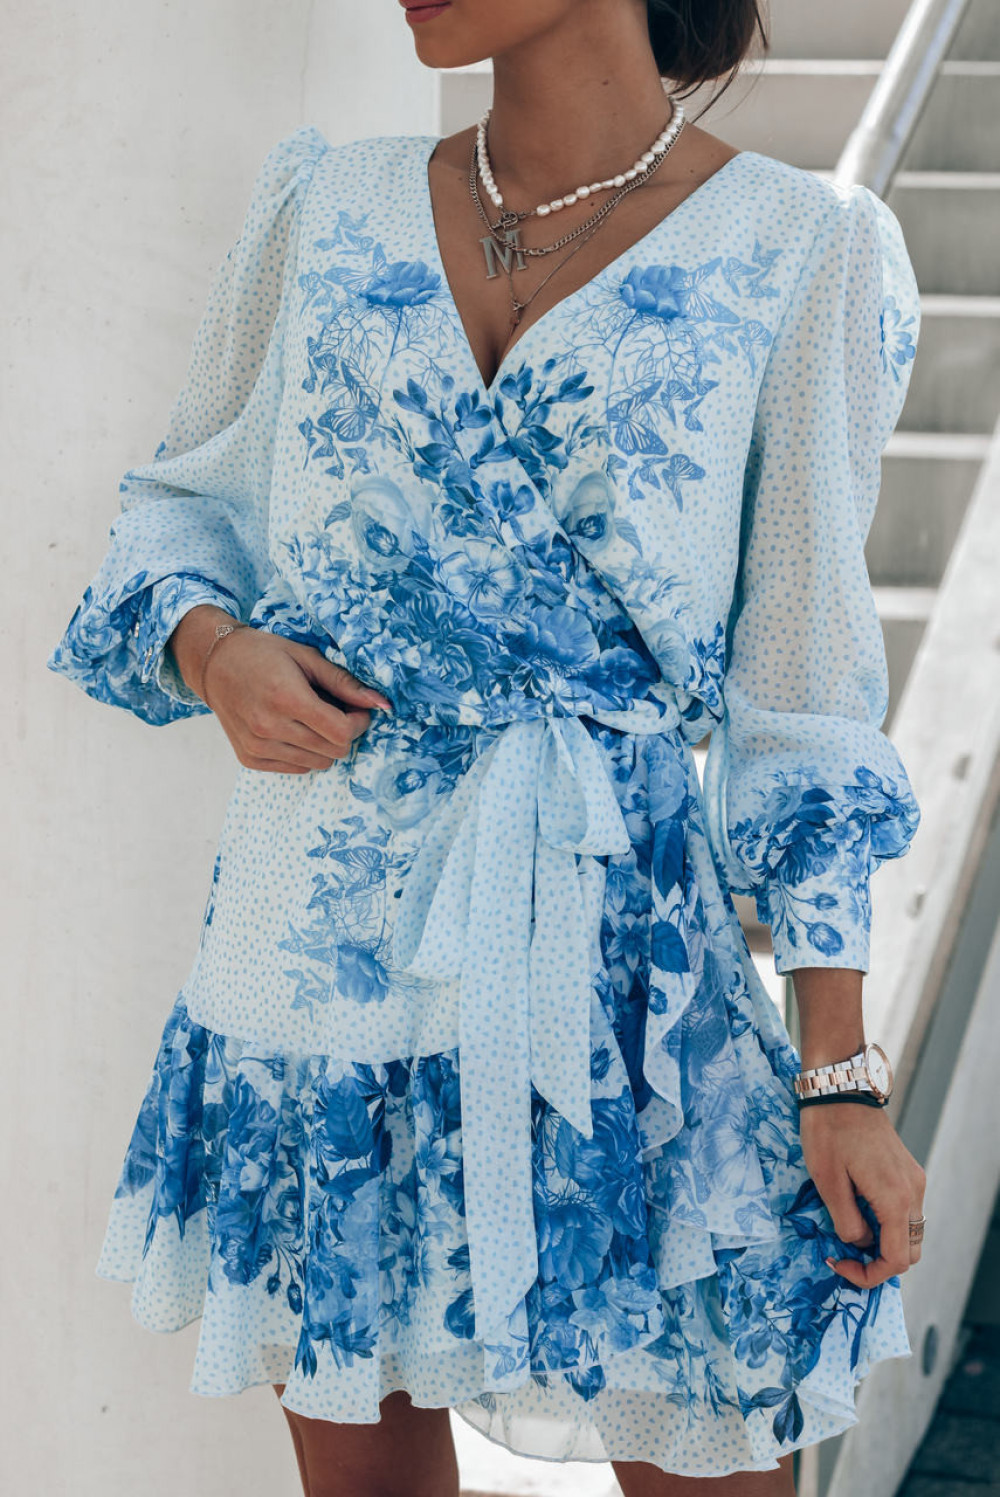 Biało-niebieska sukienka szyfonowa w kwiaty Flores 2